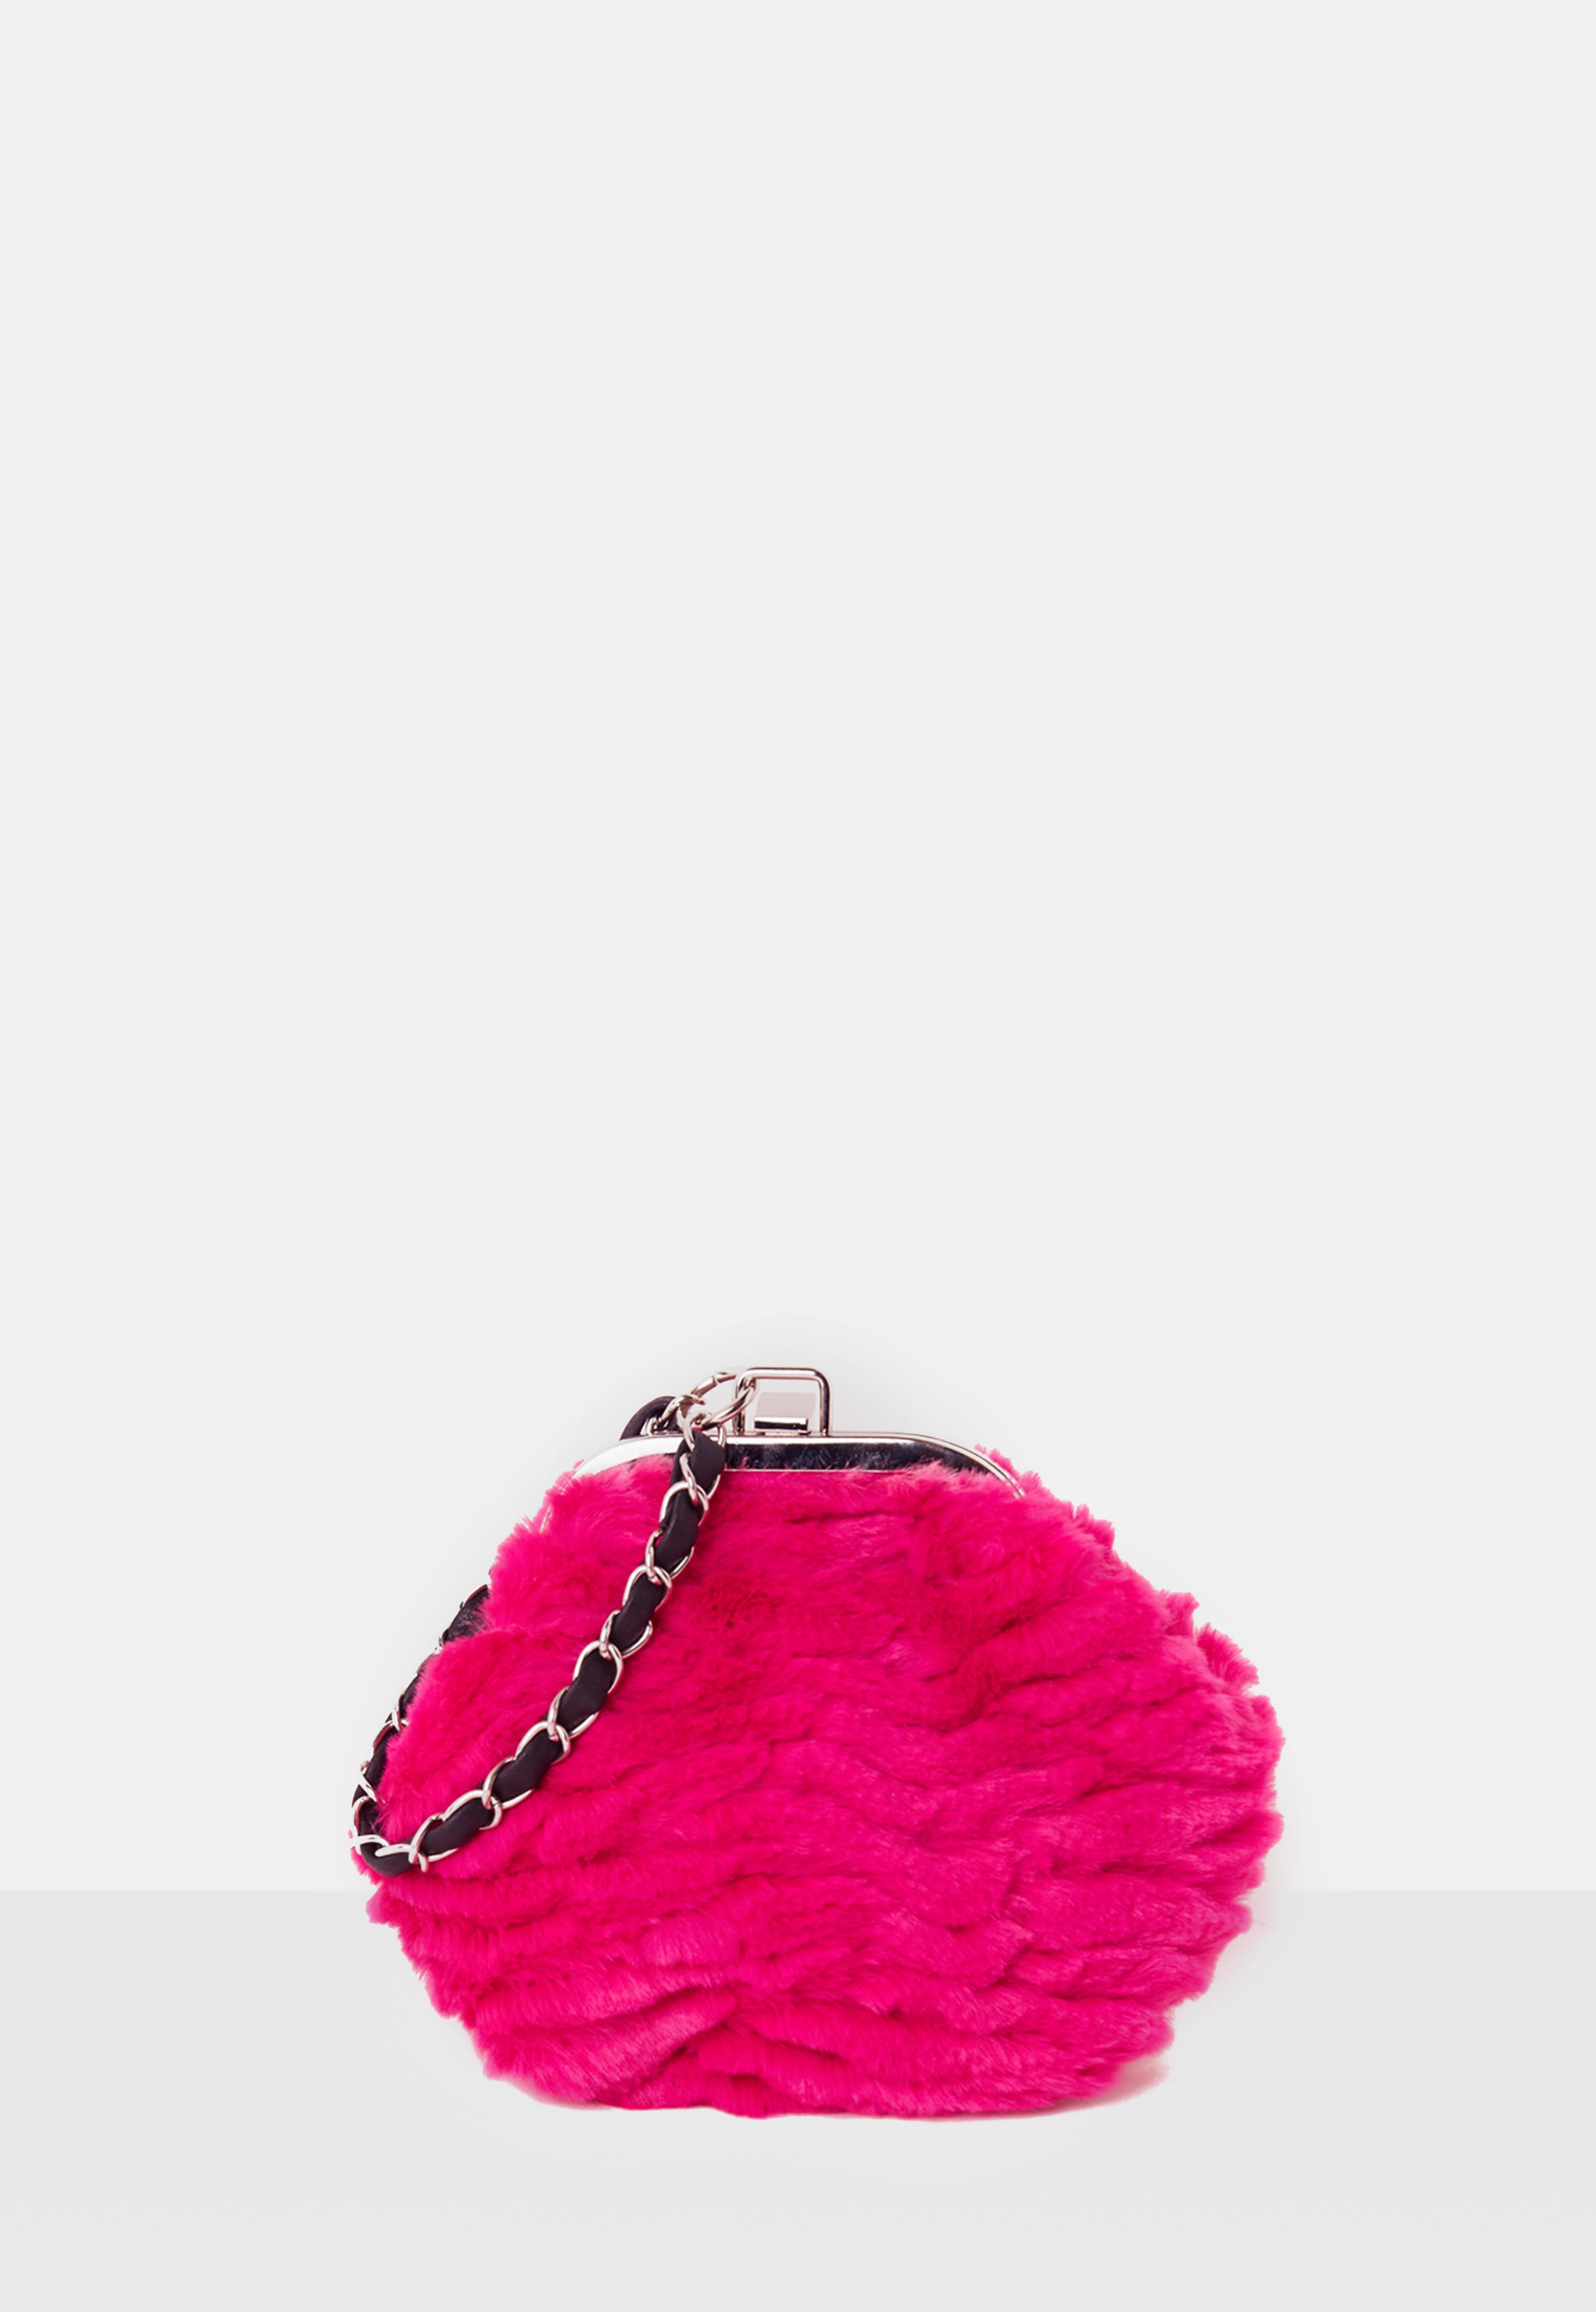 Pink Faux Fur Chain Strap Clutch Bag  9647b04582ec4